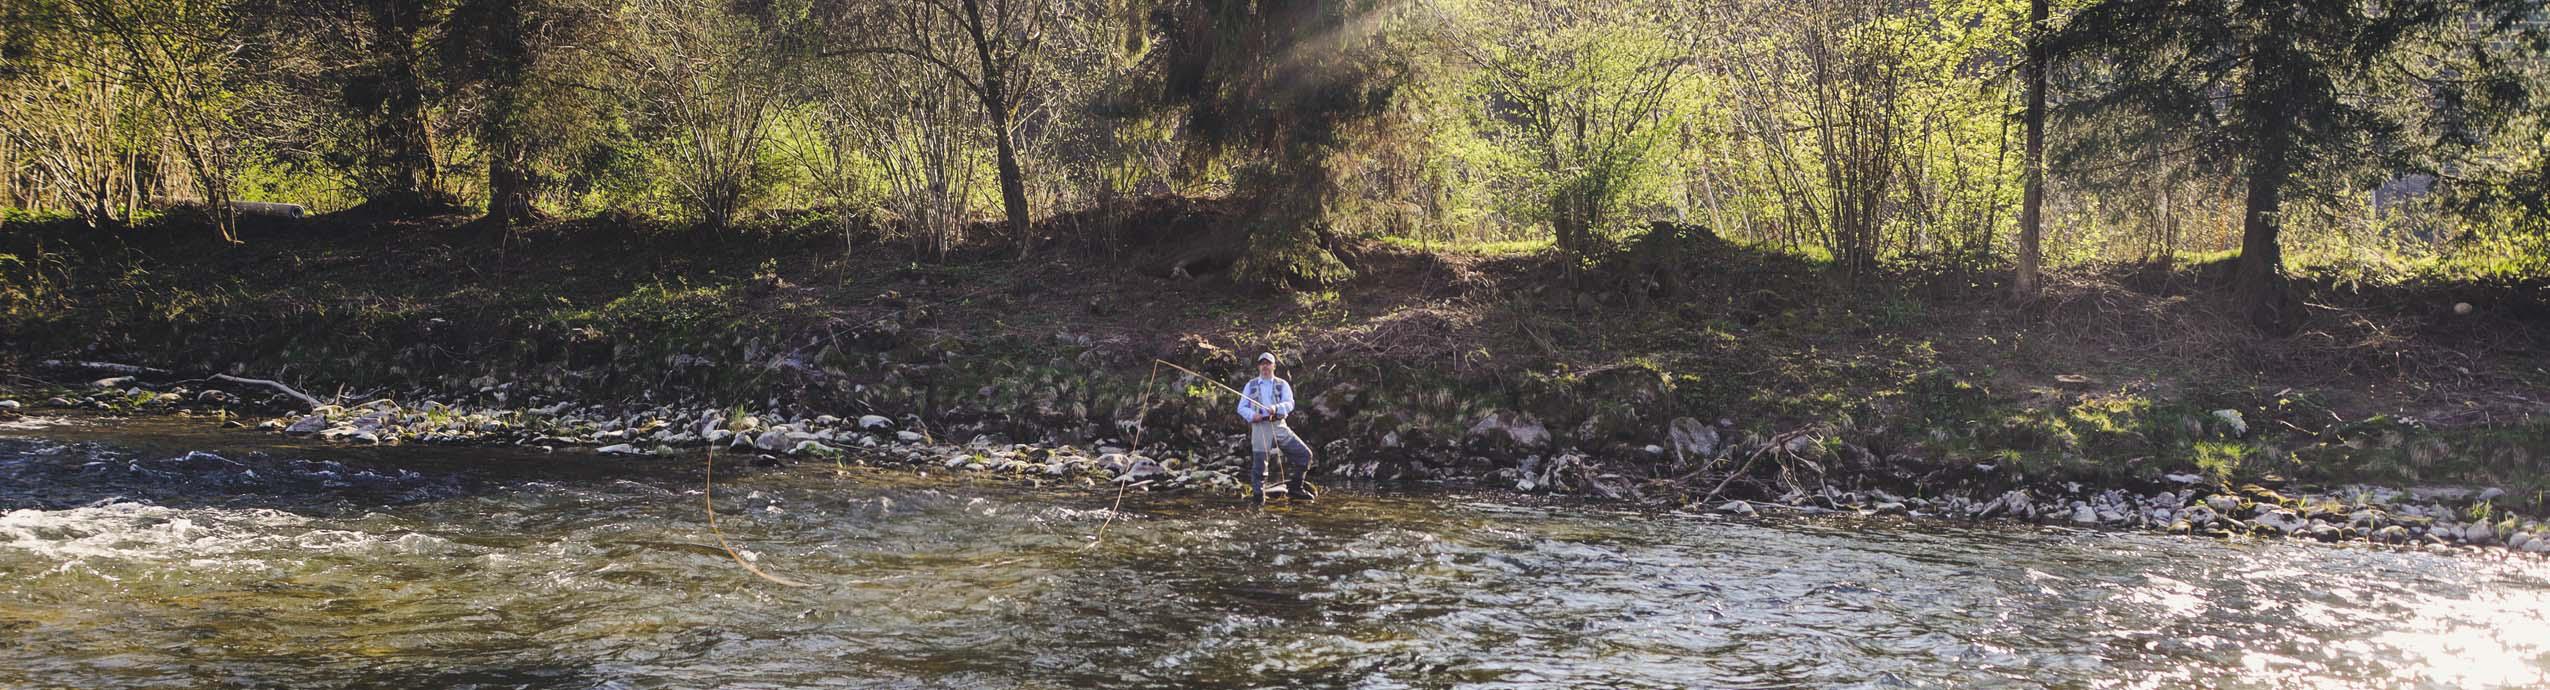 Fliegenfischerkurs Bodensee Oberschwaben Argen Fliegenfischen lernen Fliegenfischerschule